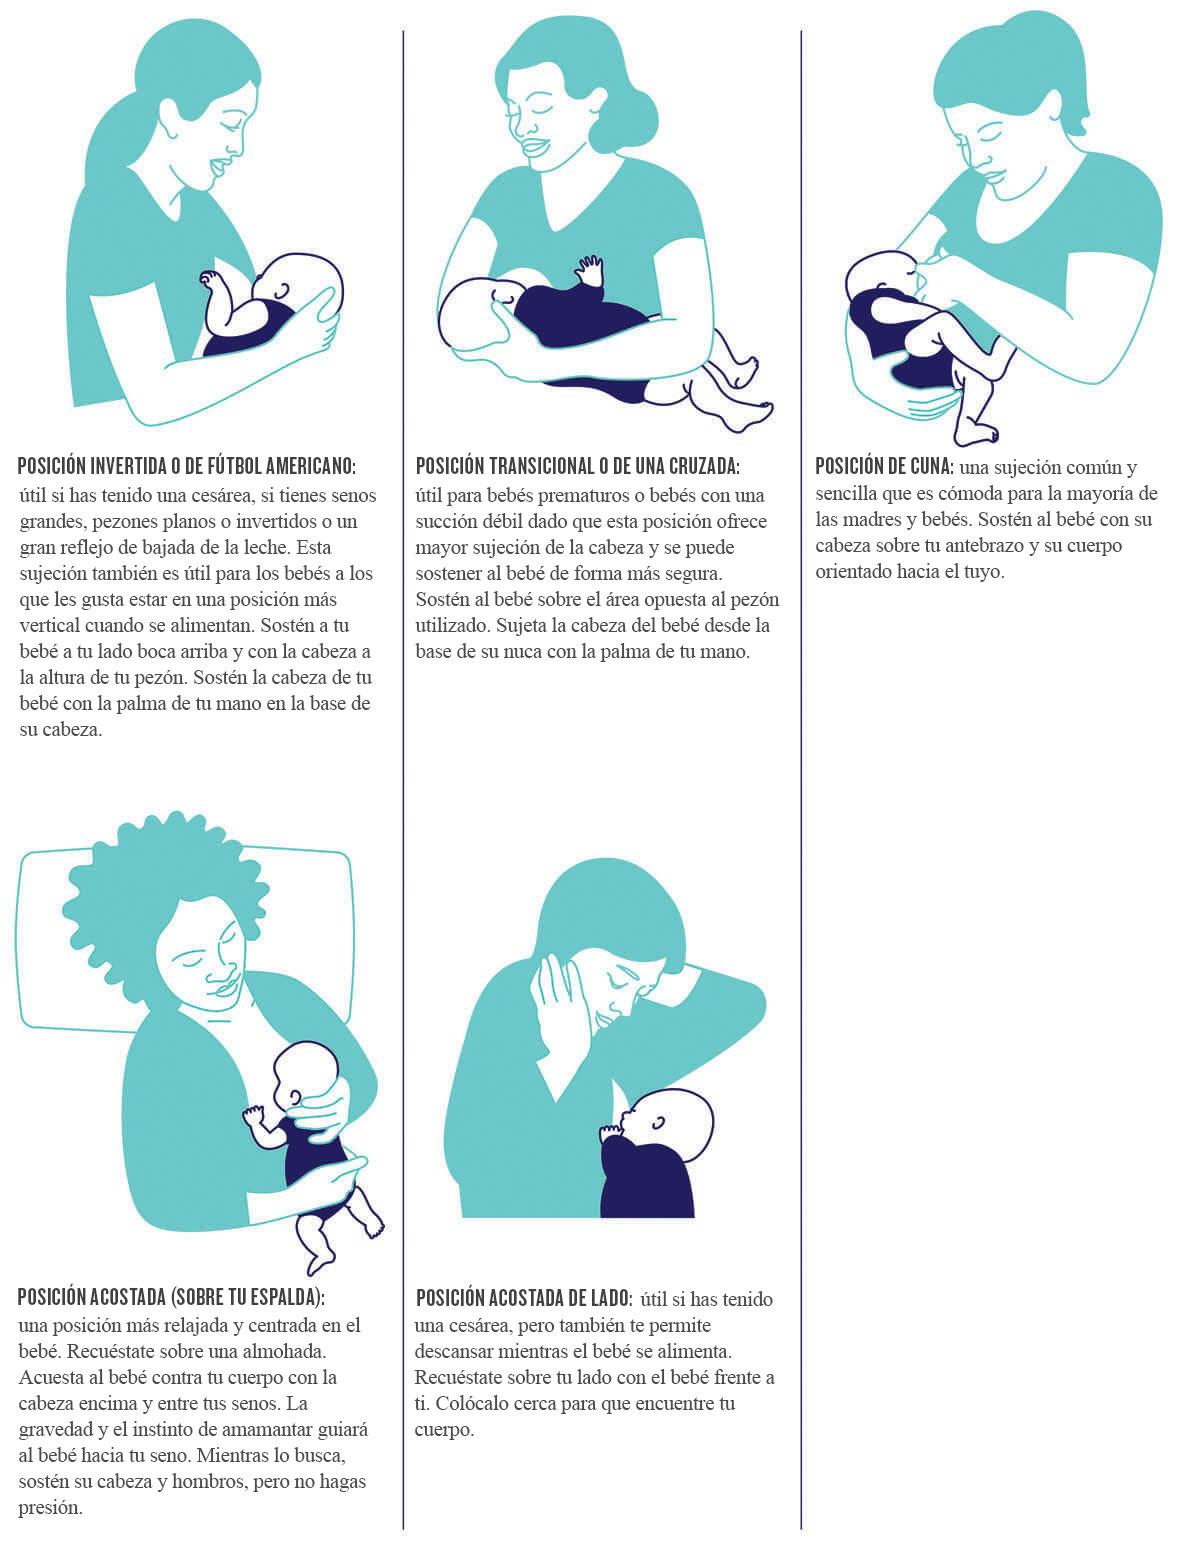 Ilustraciones de las posiciones de lactancia materna descritas anteriormente.